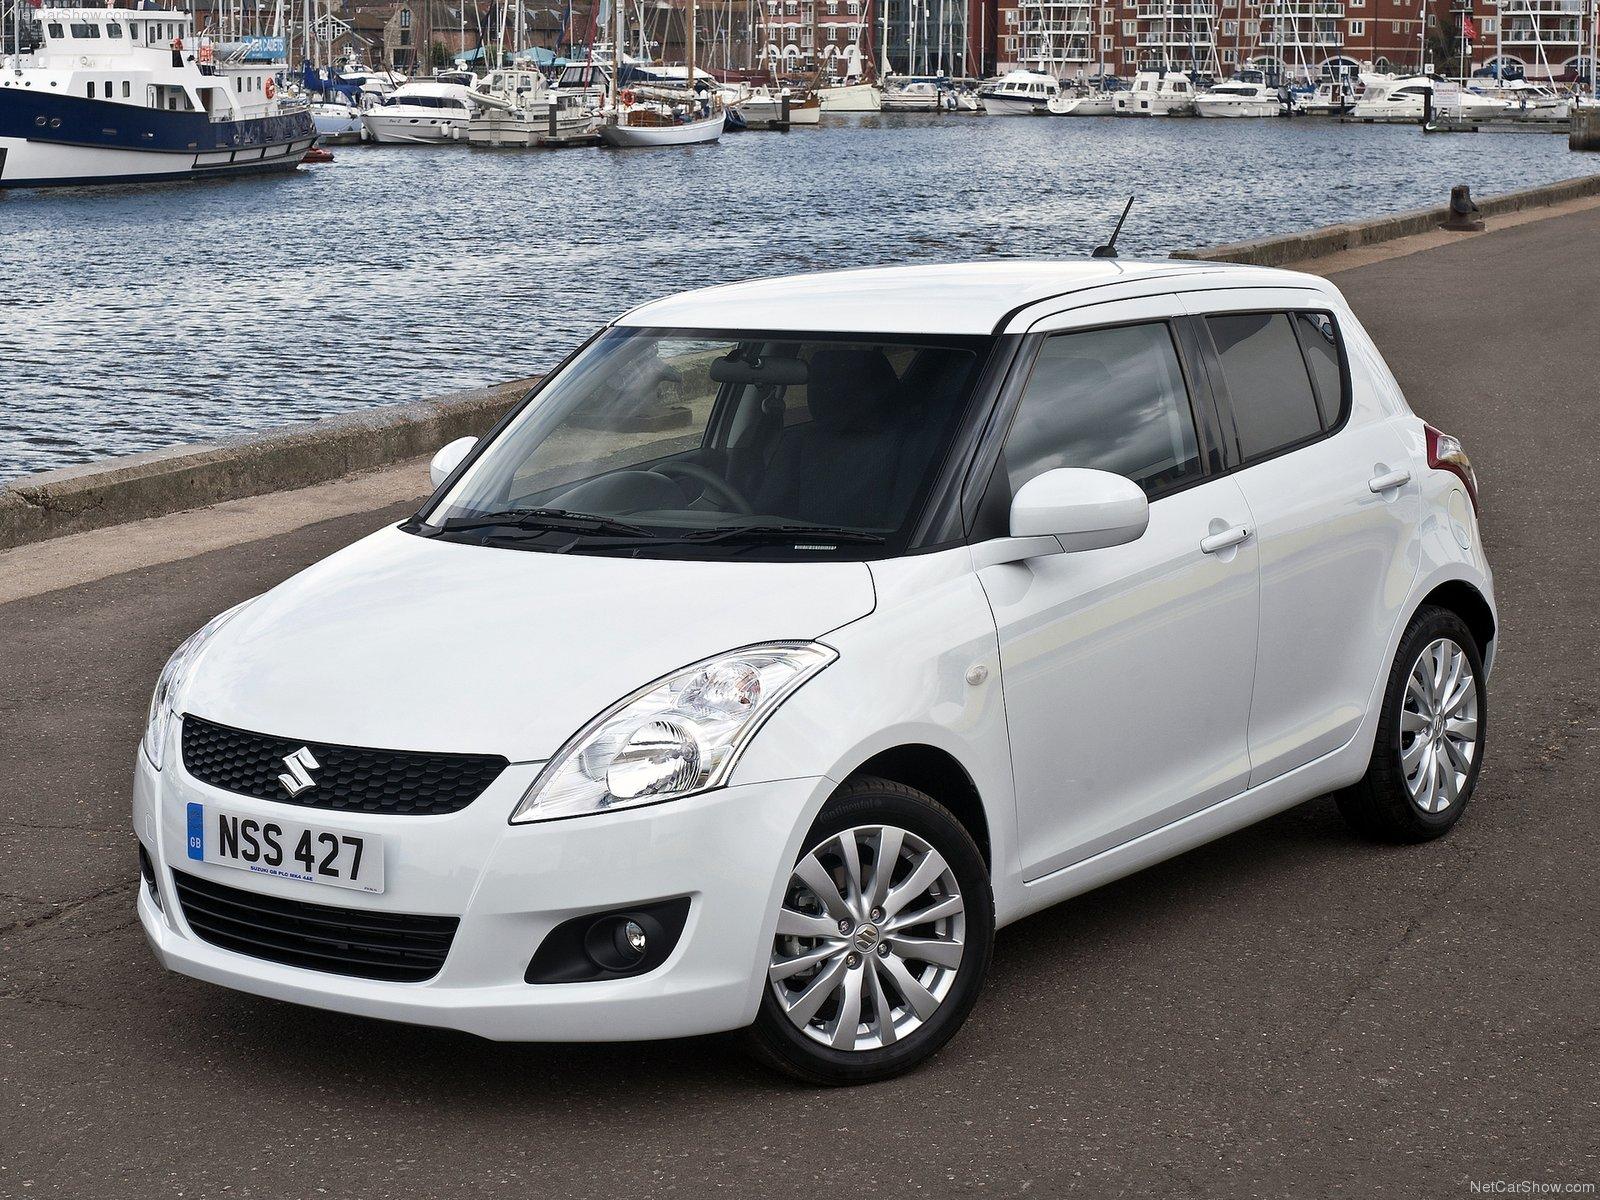 Hình ảnh xe ô tô Suzuki Swift 2011 & nội ngoại thất